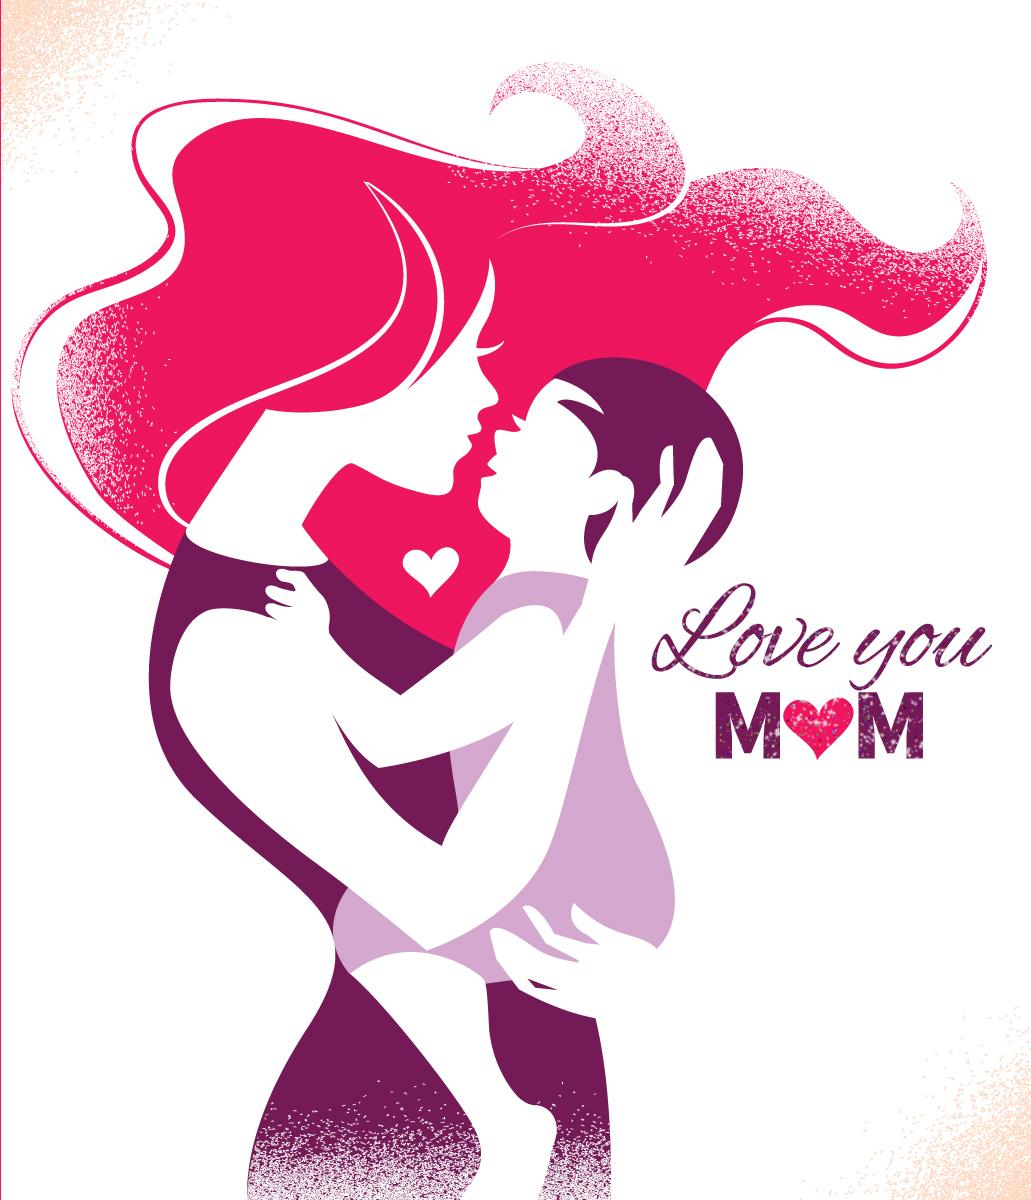 Открытка сувенирная Love You Mom273832Открытка – поздравительная карточка, которая прочно вошла в быт человека. Не обязательно дарить дорогой подарок, главное внимание, достаточно выбрать подходящую картинку на открытке и вручить дорогому человеку.